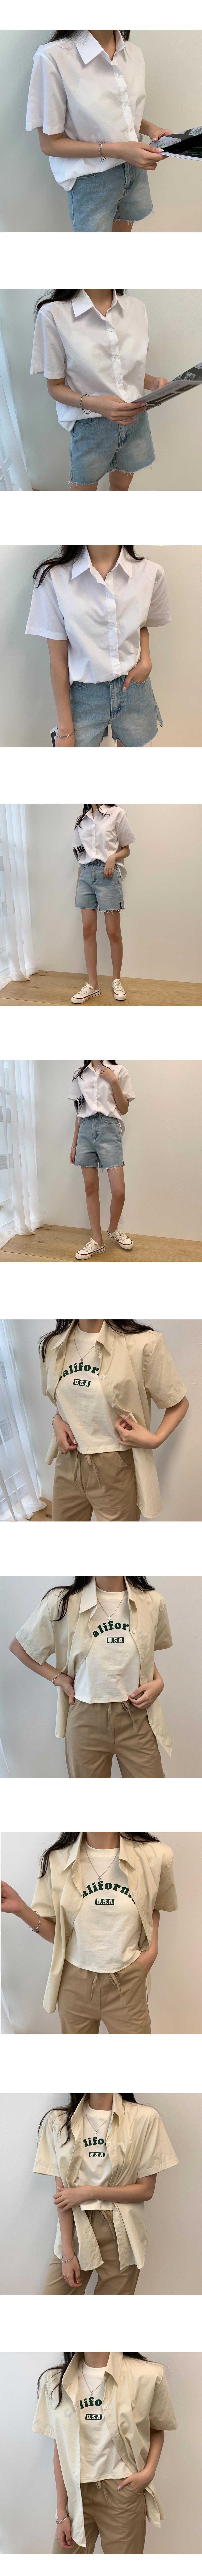 Plain Basic Short Sleeve shirt Overfit Shirt